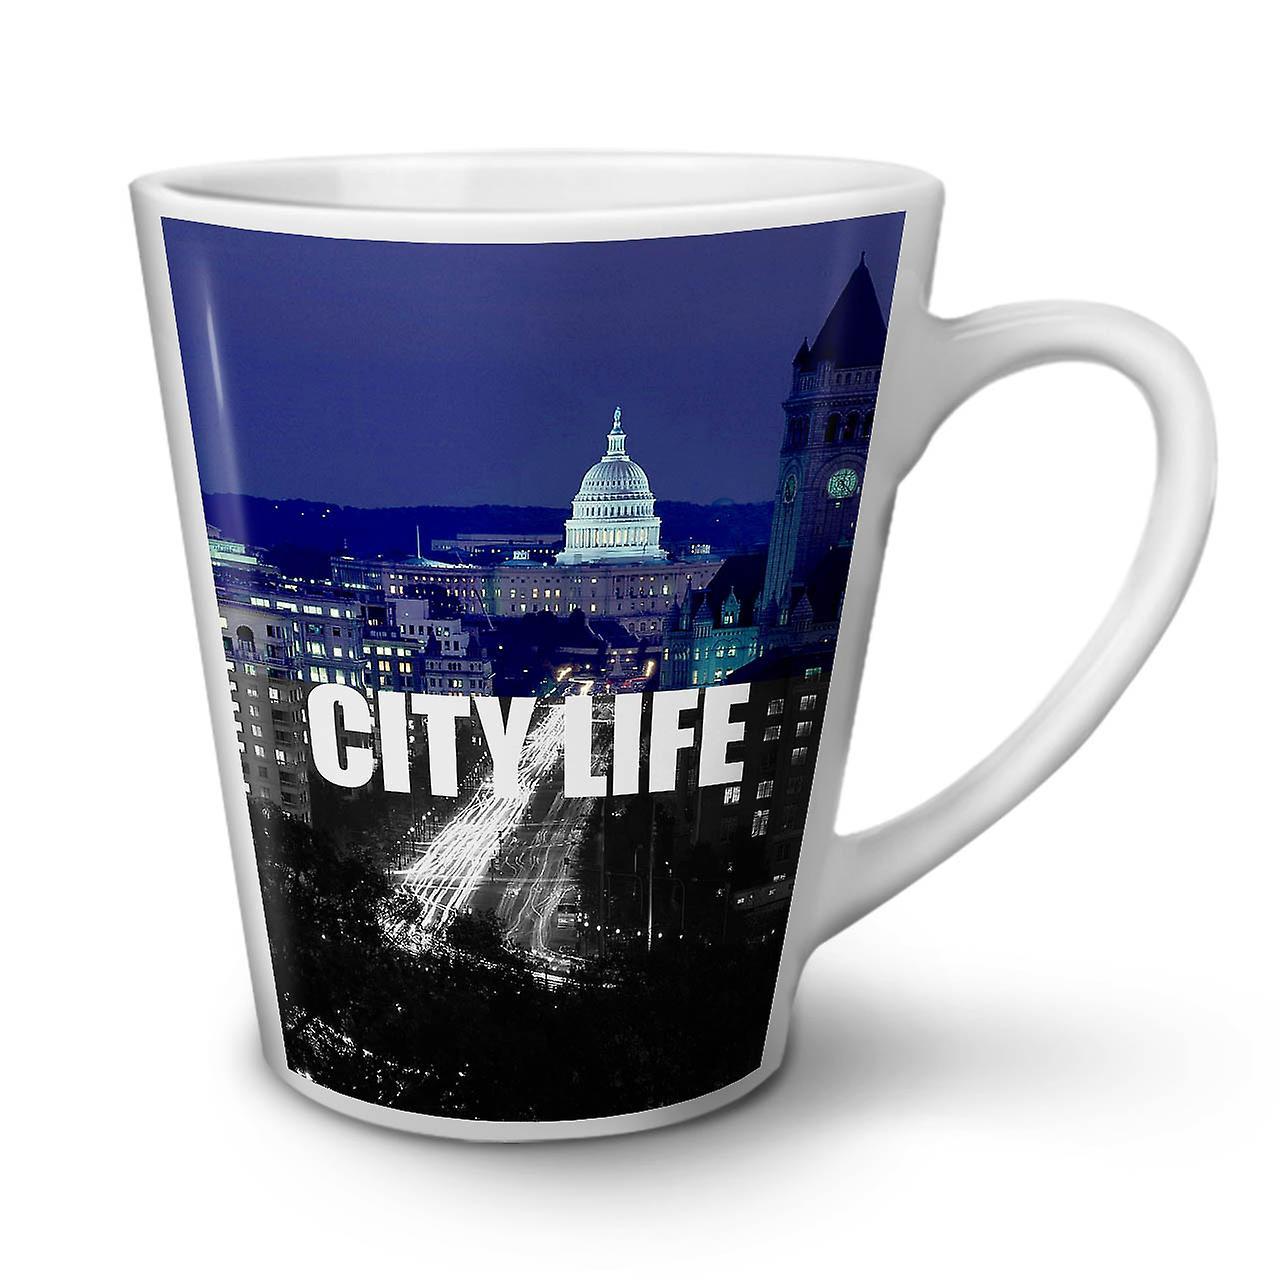 Blanc Café Mug 12 Latte City Thé En OzWellcoda Nouveau Céramique Nuit Life WHIE9D2